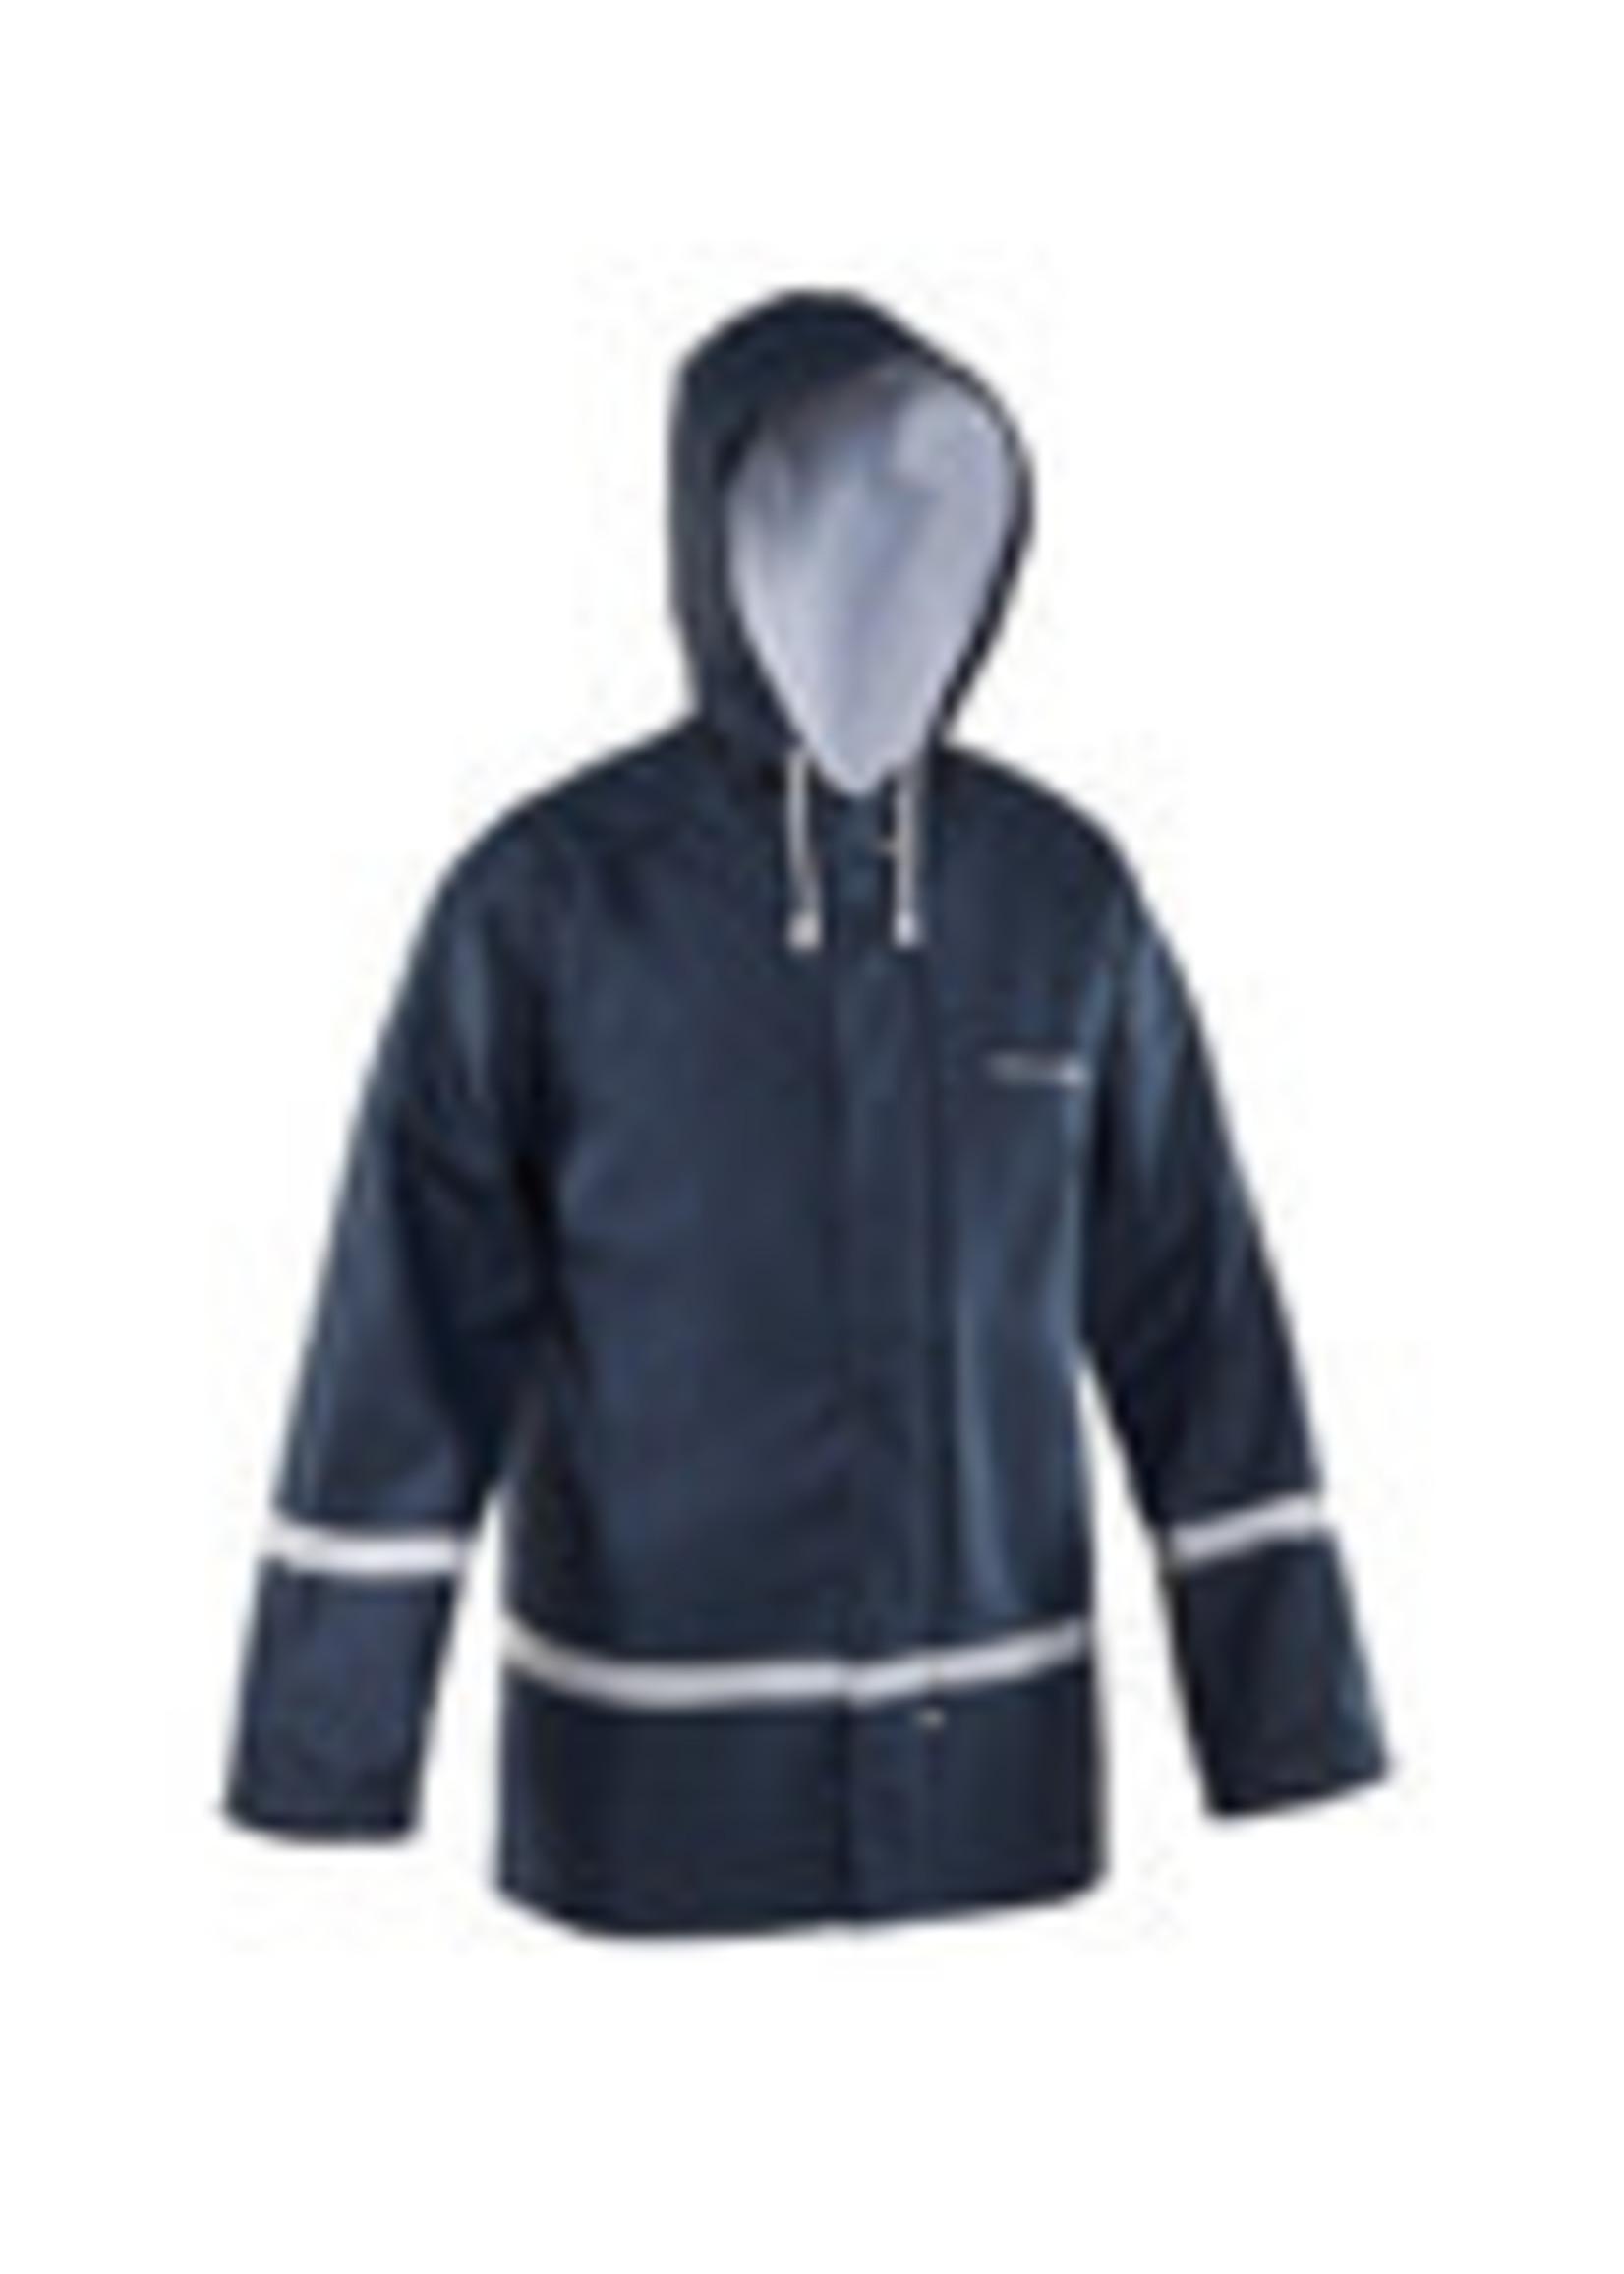 GRUNDENS USA, LTD. Grundens Zenith - Child's Jacket